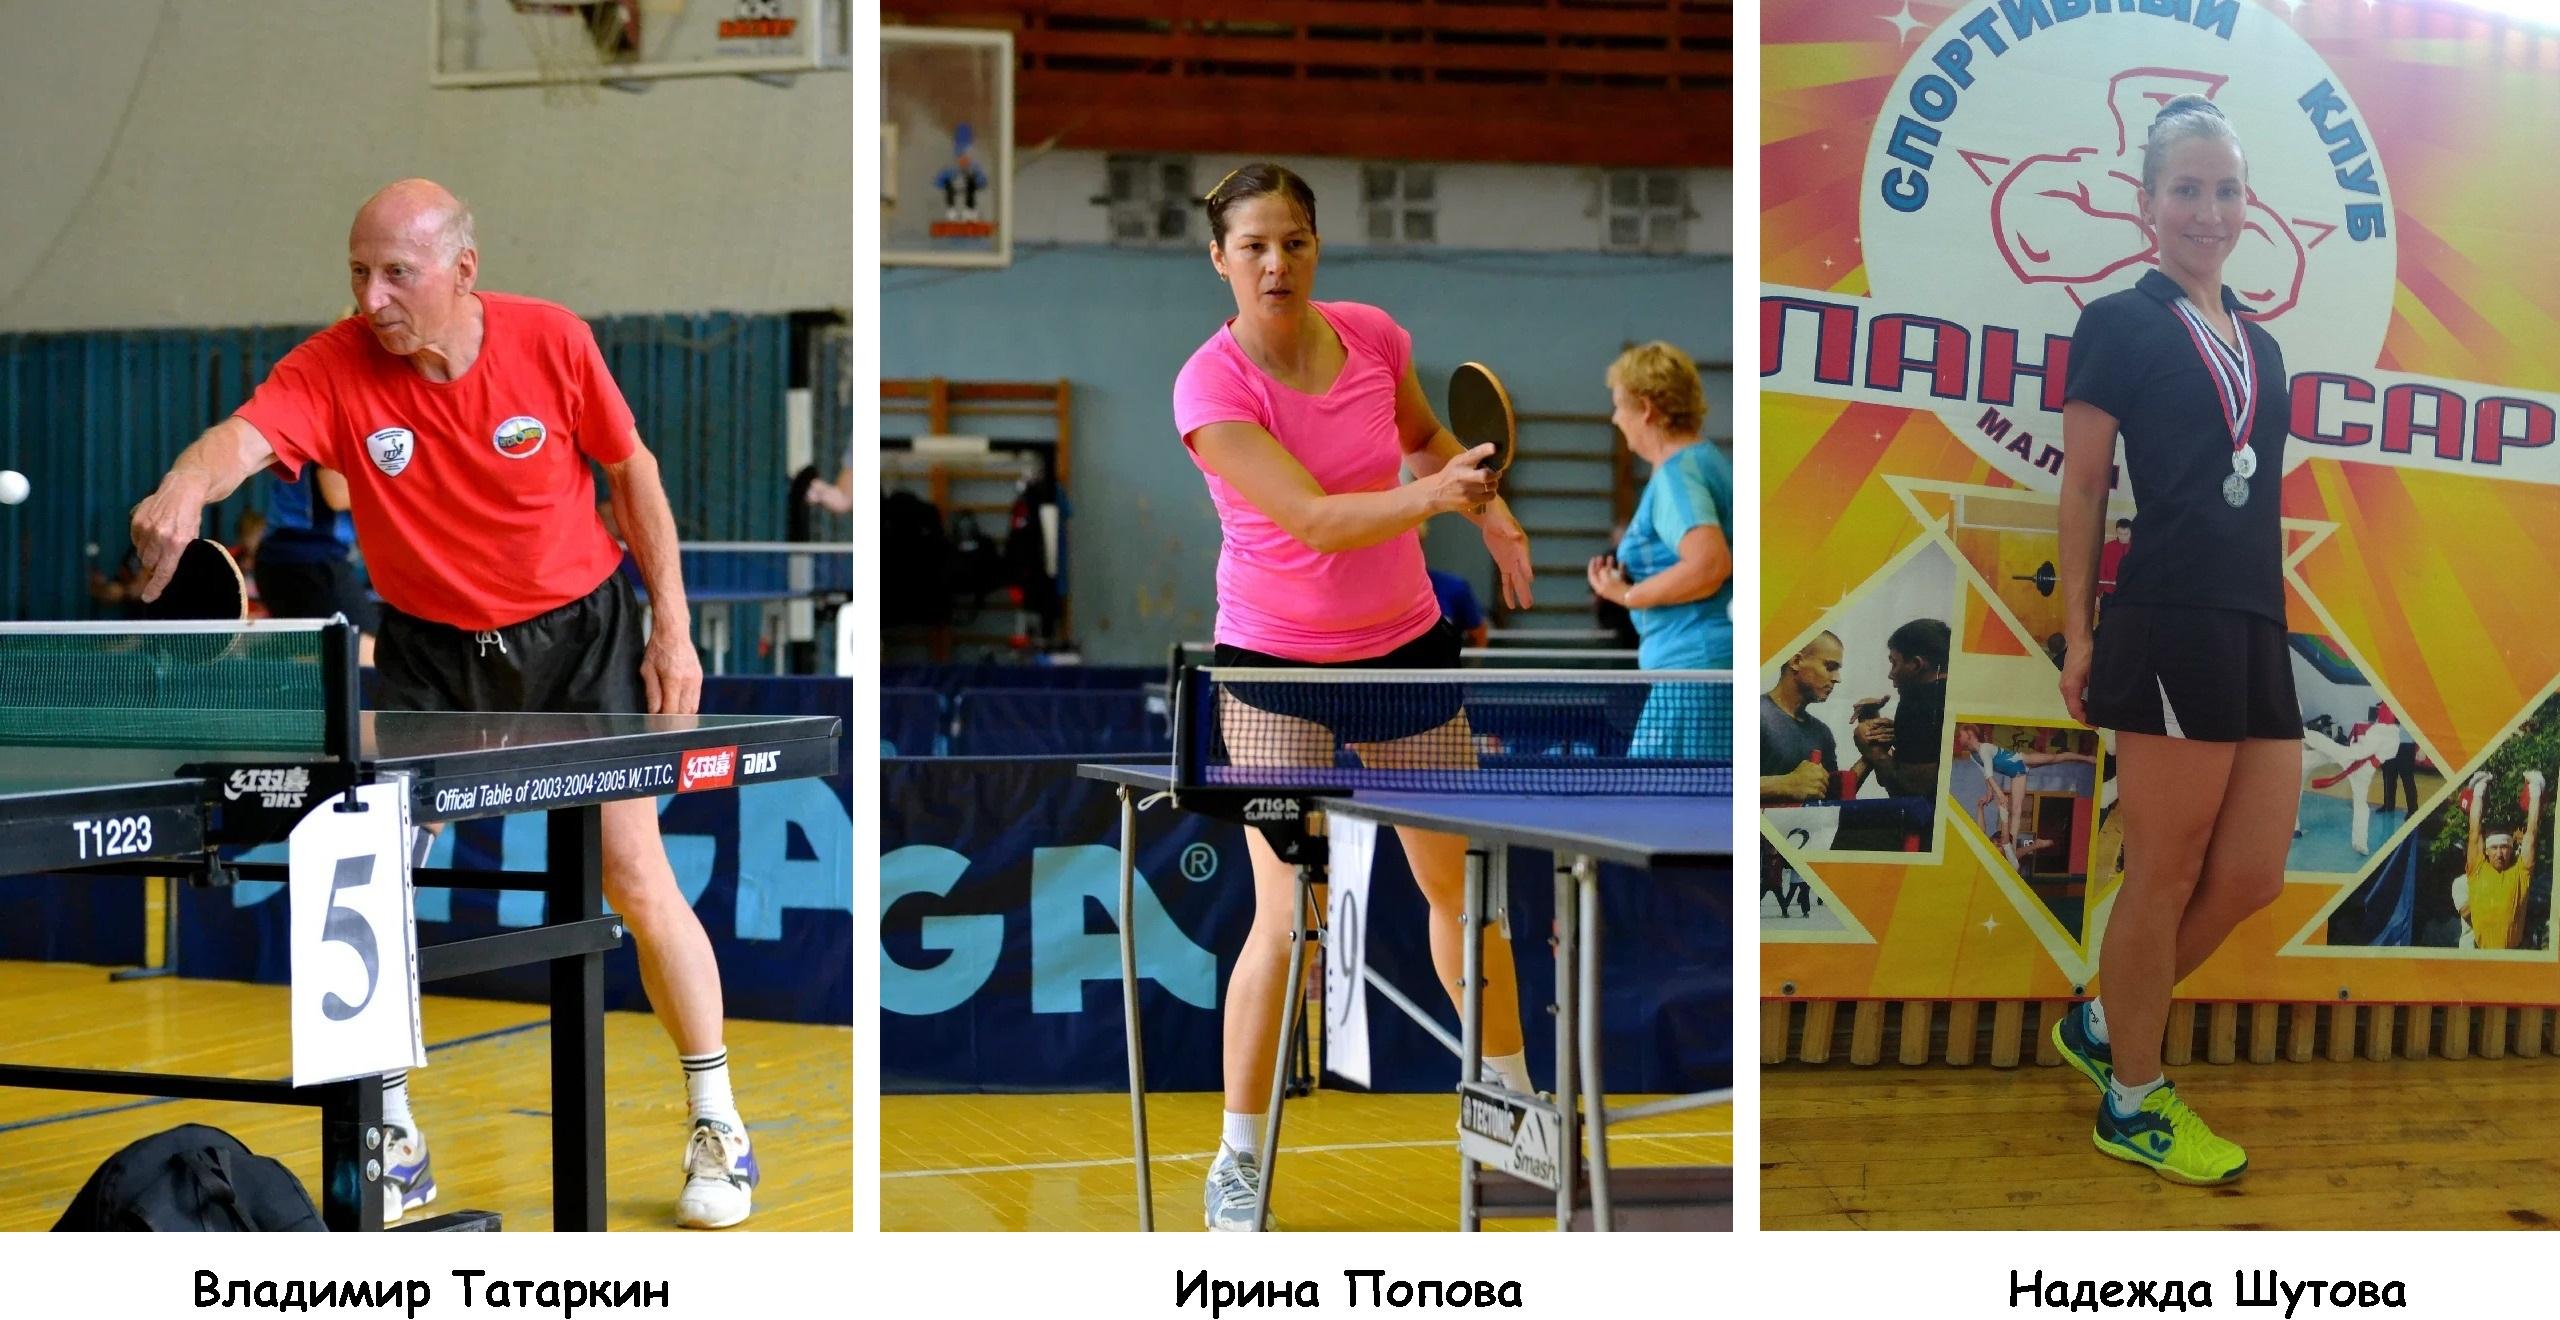 настольный теннис, чайковский район, 2019 год